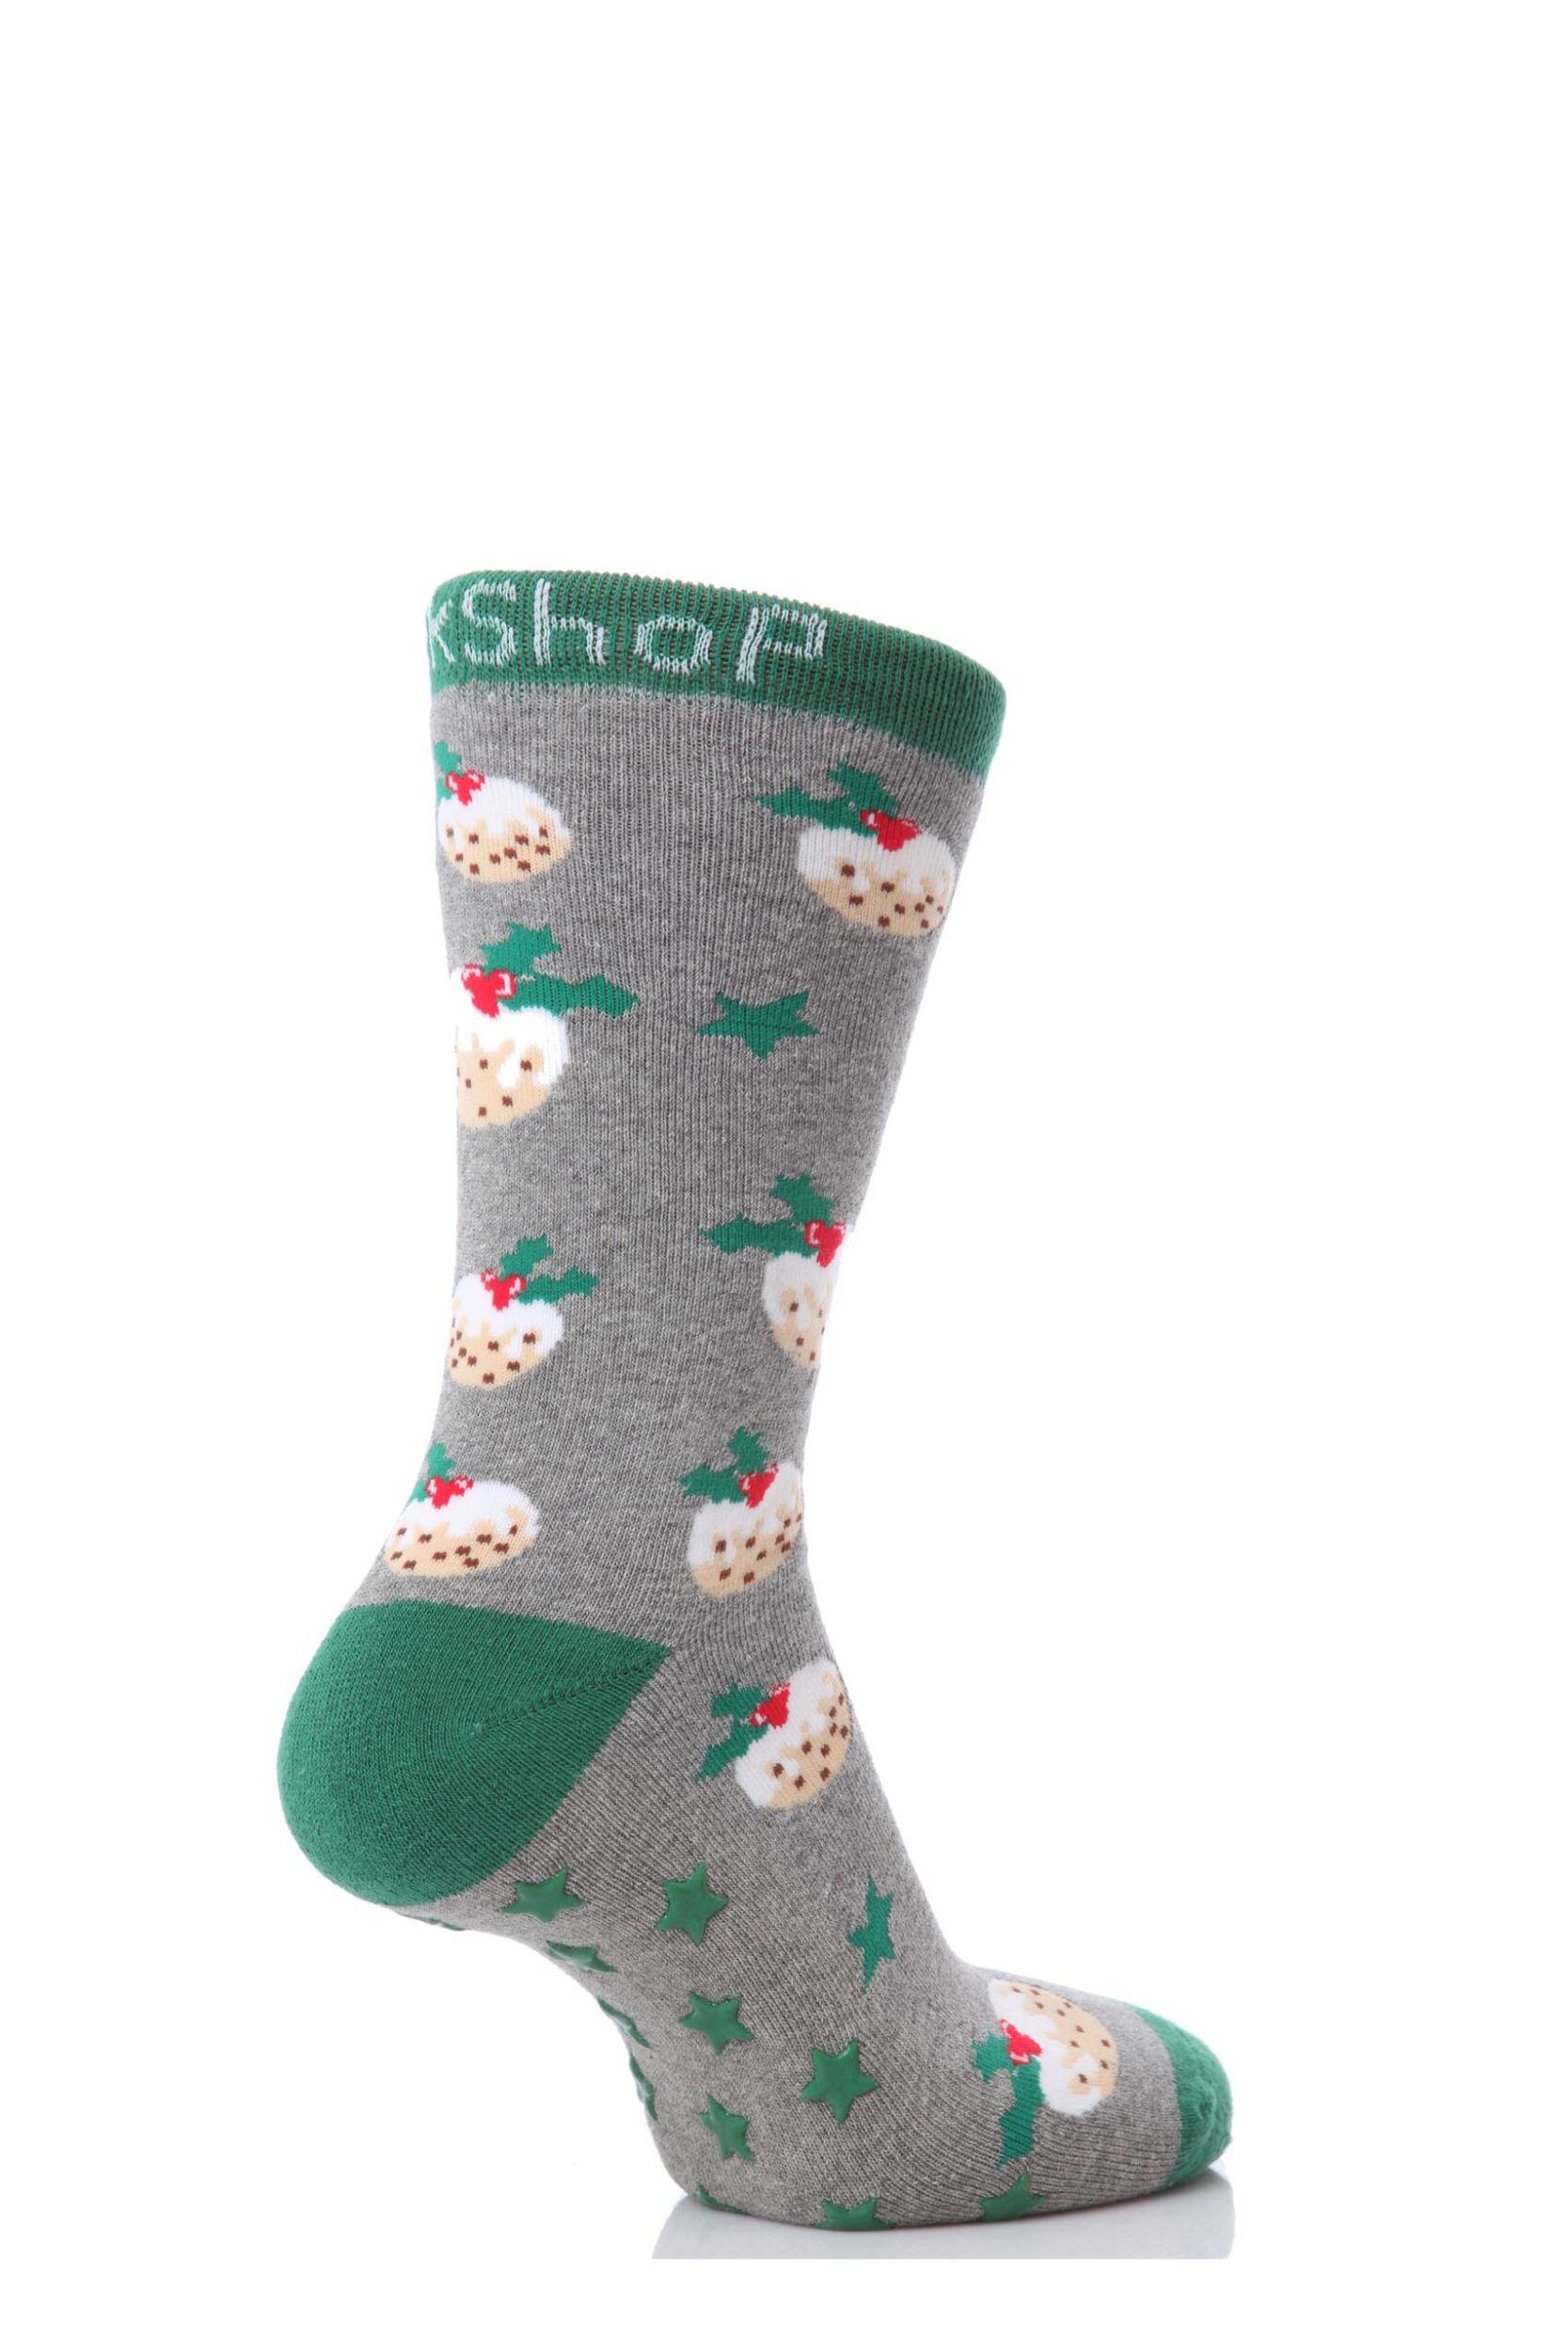 Kids 1 Pair SockShop Christmas Pudding Slipper Socks | EBay